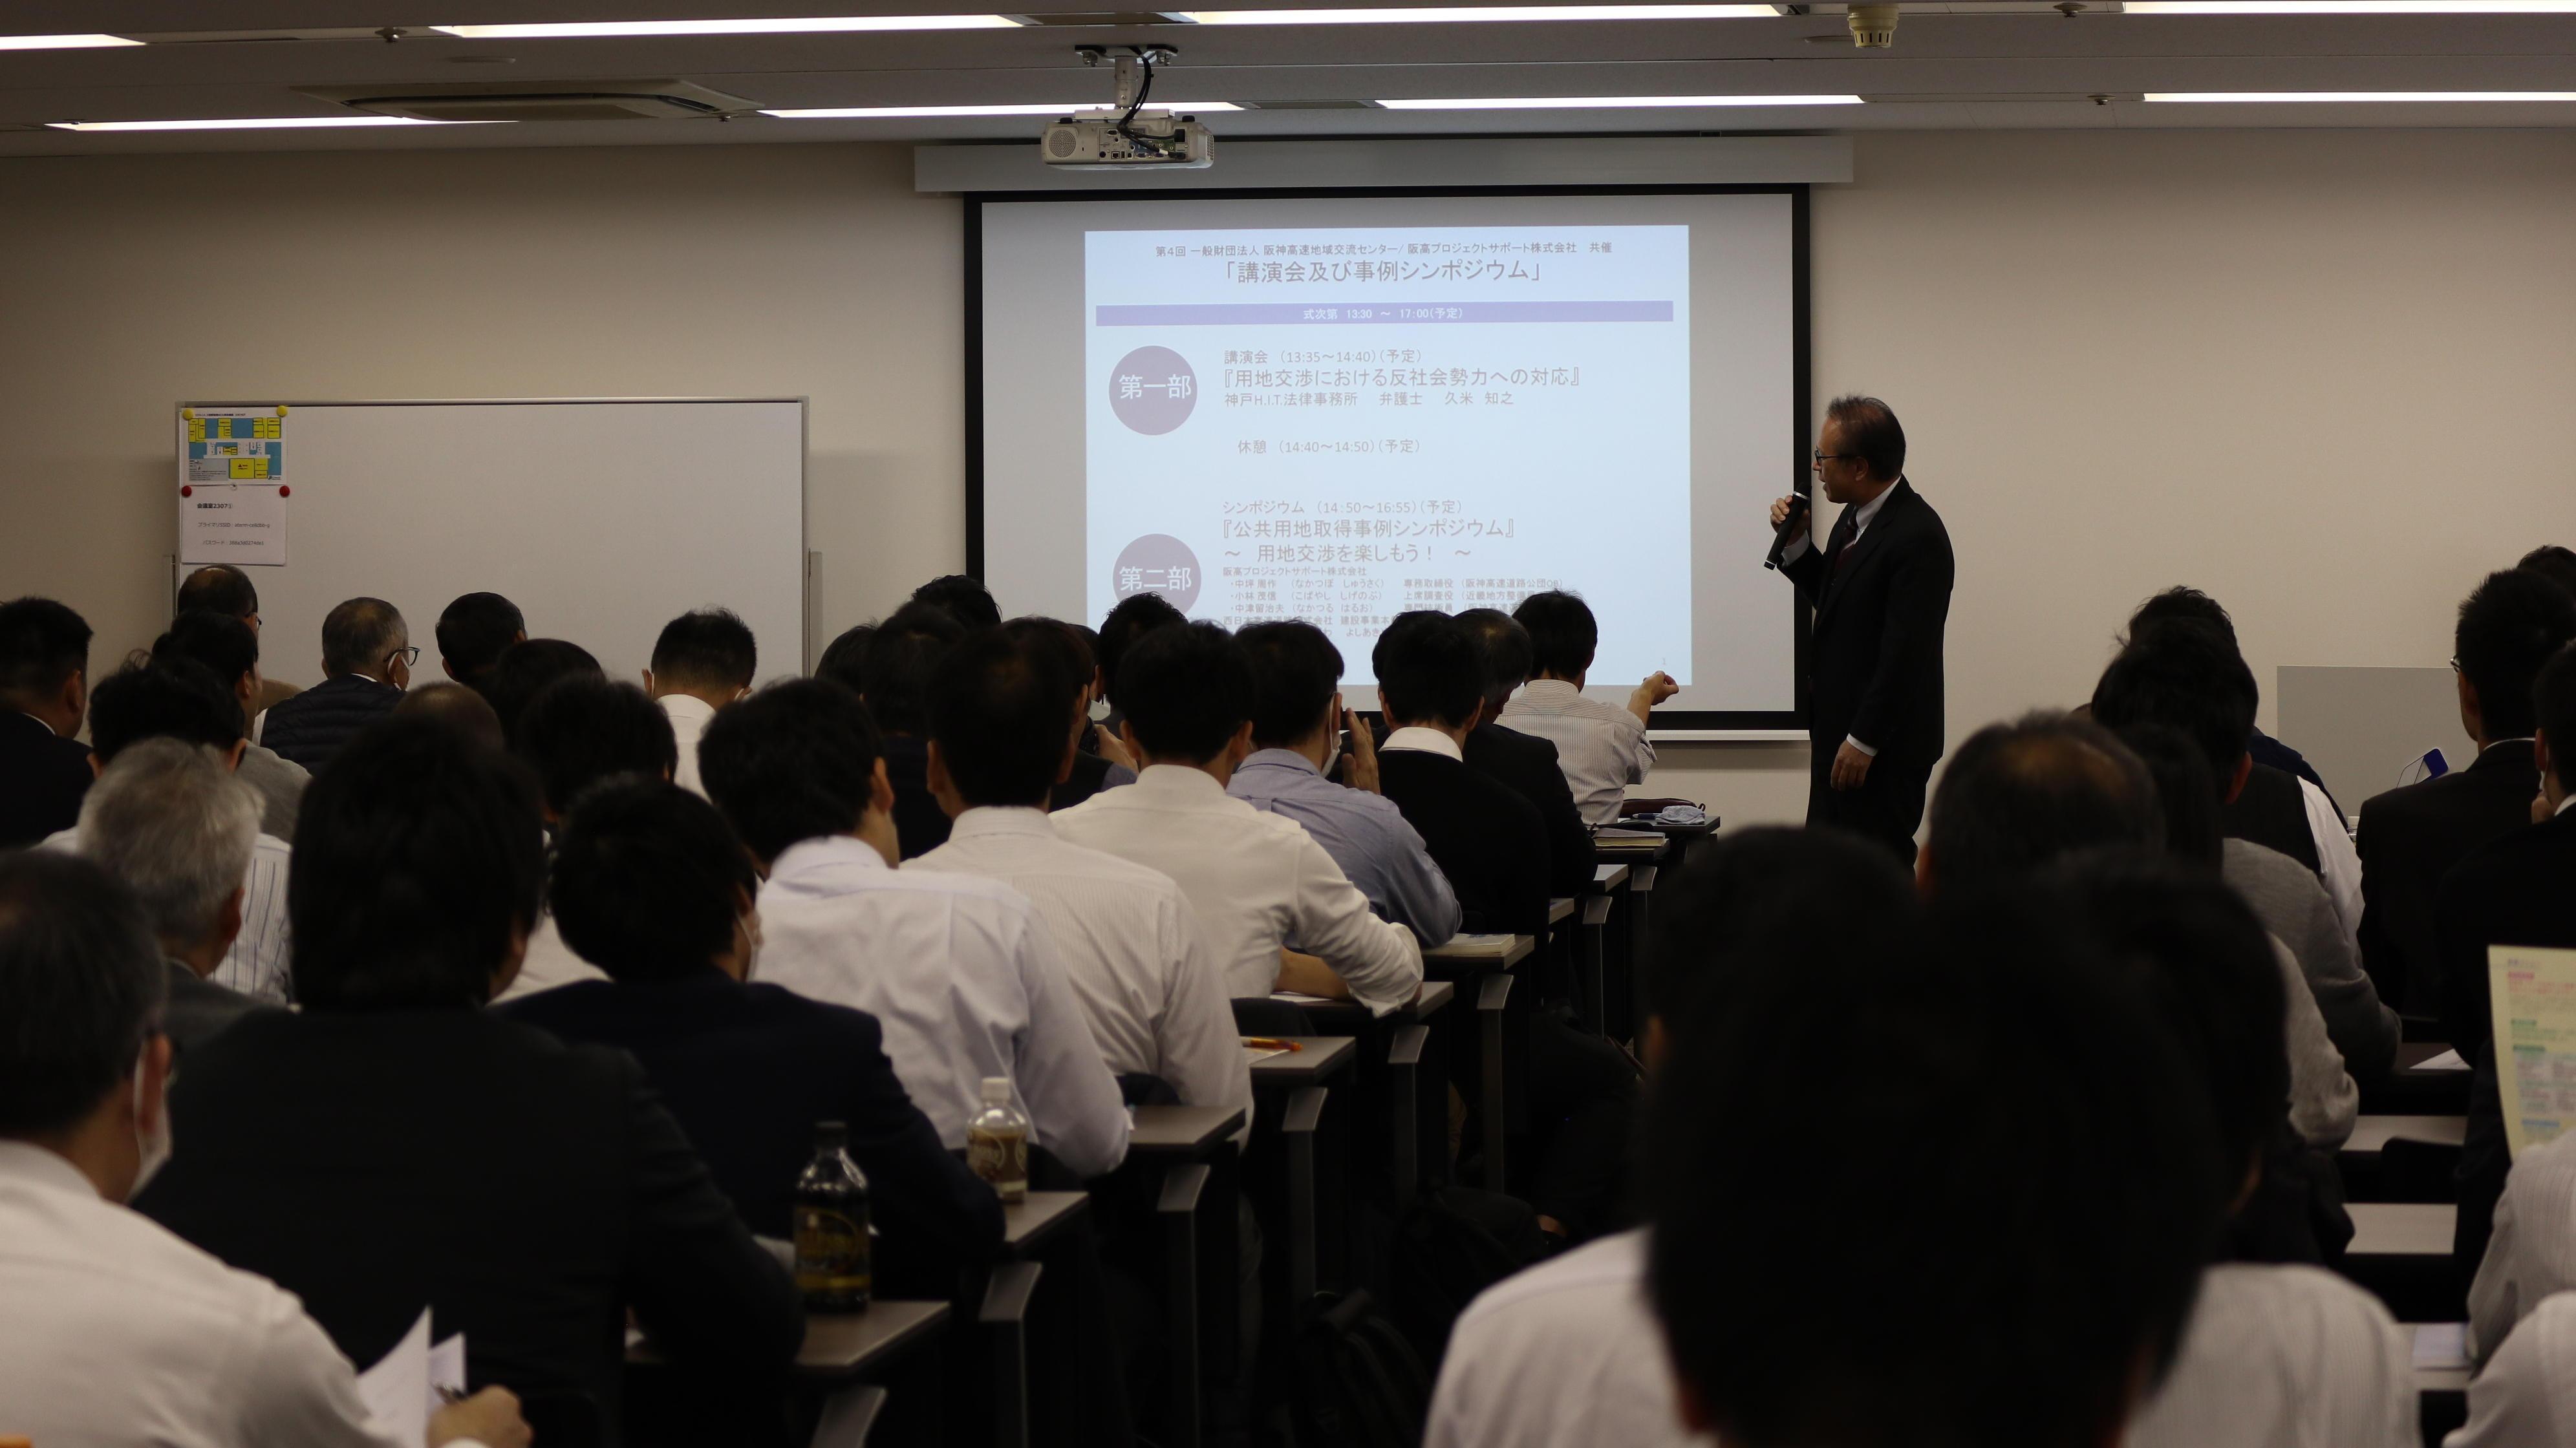 2019年11月29日開催 公共用地取得講演会及びシンポジウム